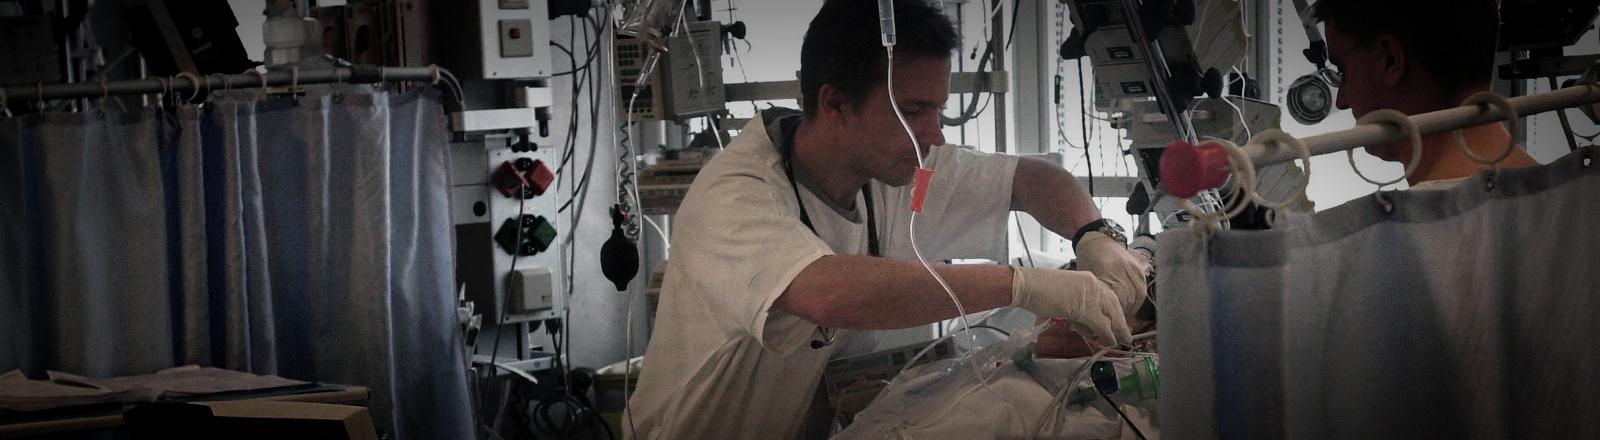 Ärzte umsorgen am 13.2.2003 in einem Münchner Krankenhaus einen Patienten auf der Intensivstation.